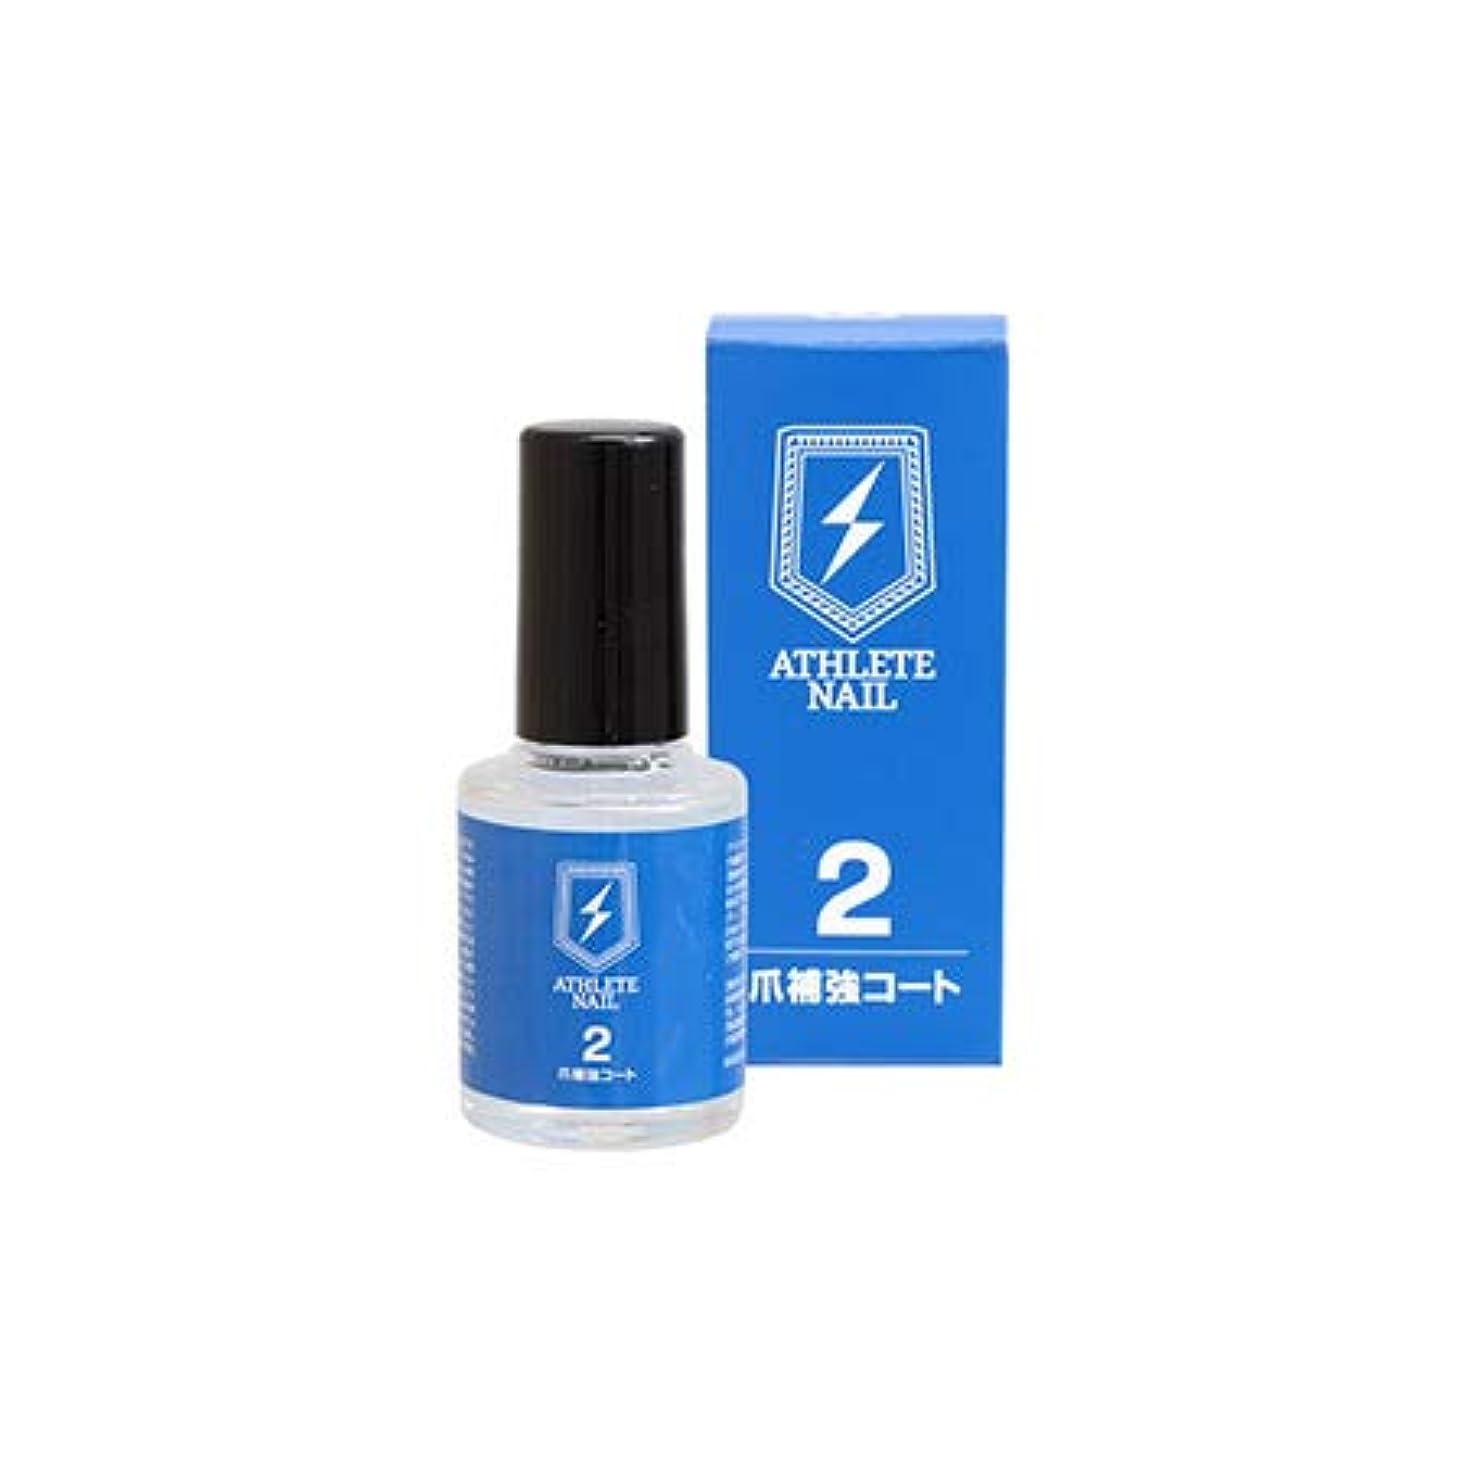 財団まさに定数ATHLETE NAIL ◆爪補強コート2 [並行輸入品]